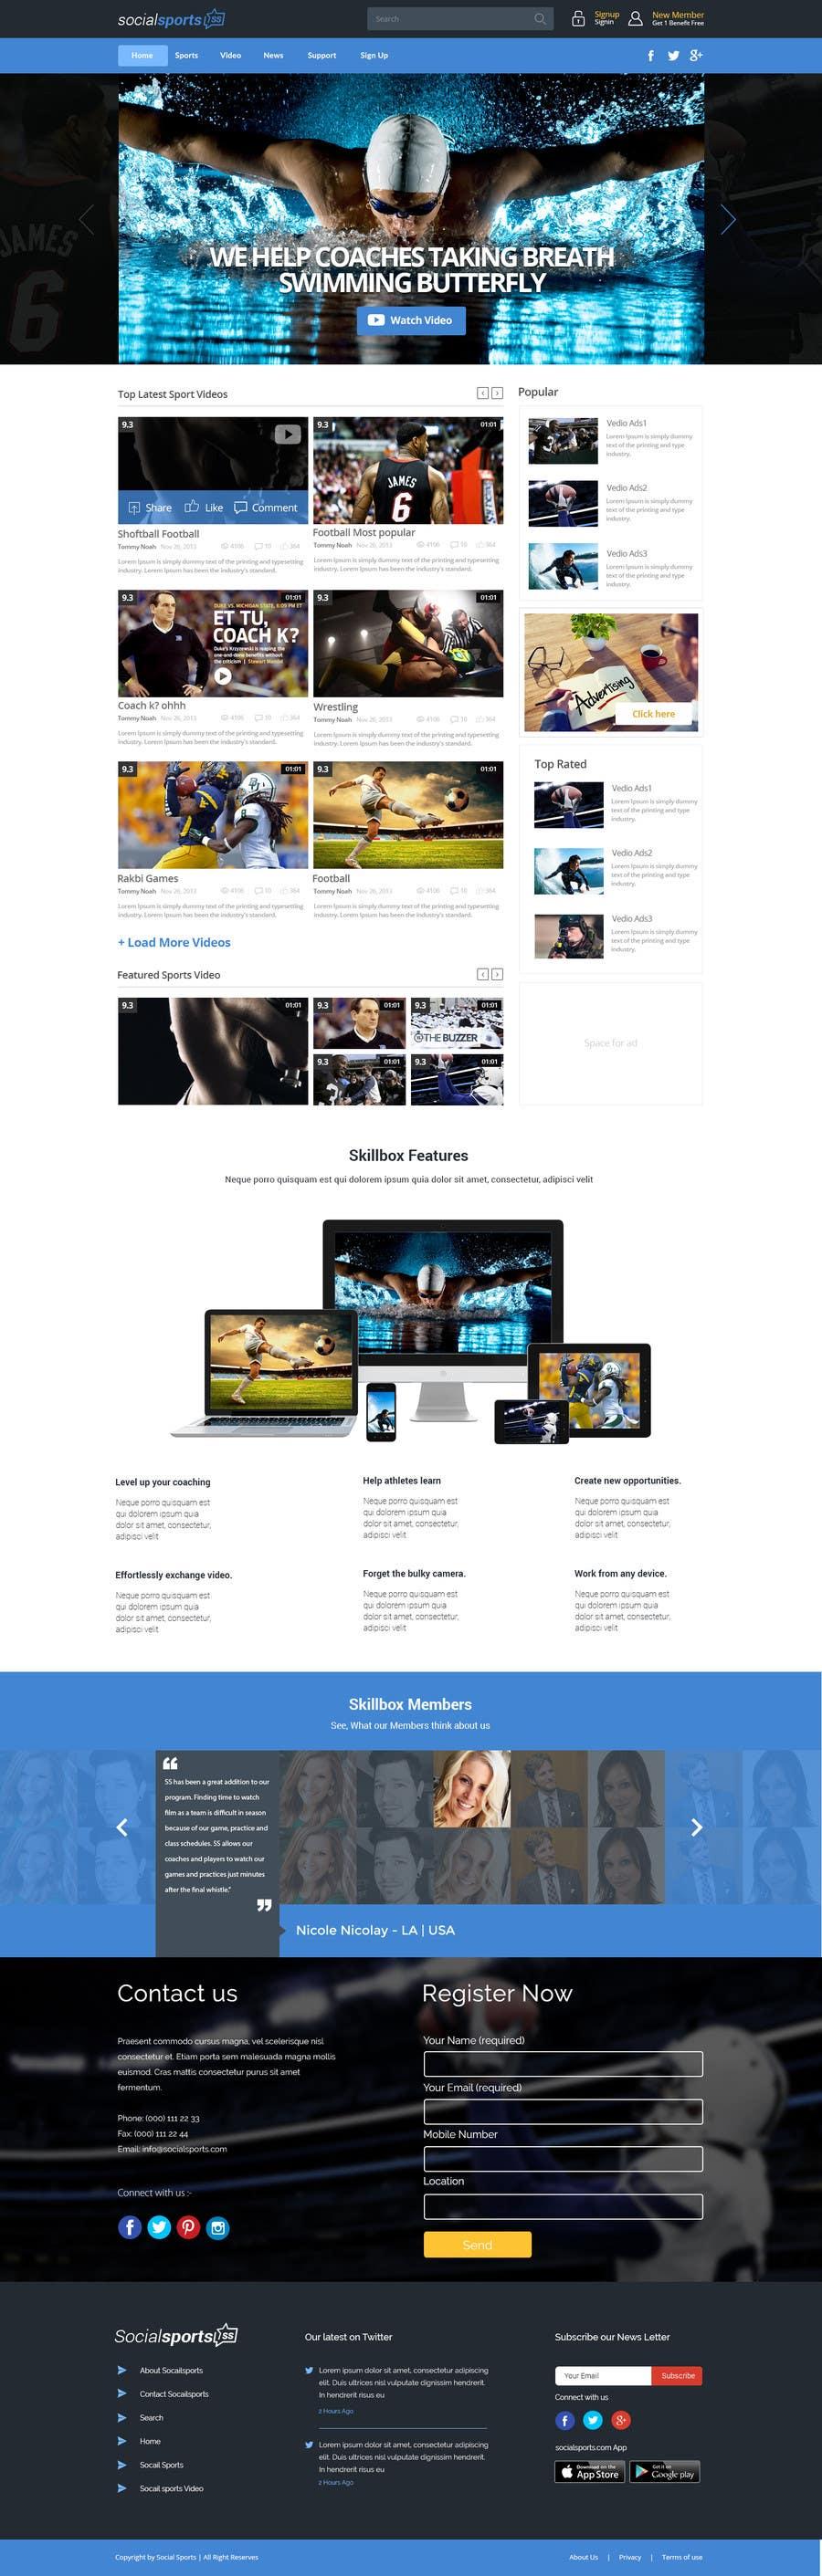 Konkurrenceindlæg #                                        13                                      for                                         Design a Website for Sports Skills Video Uploading Site